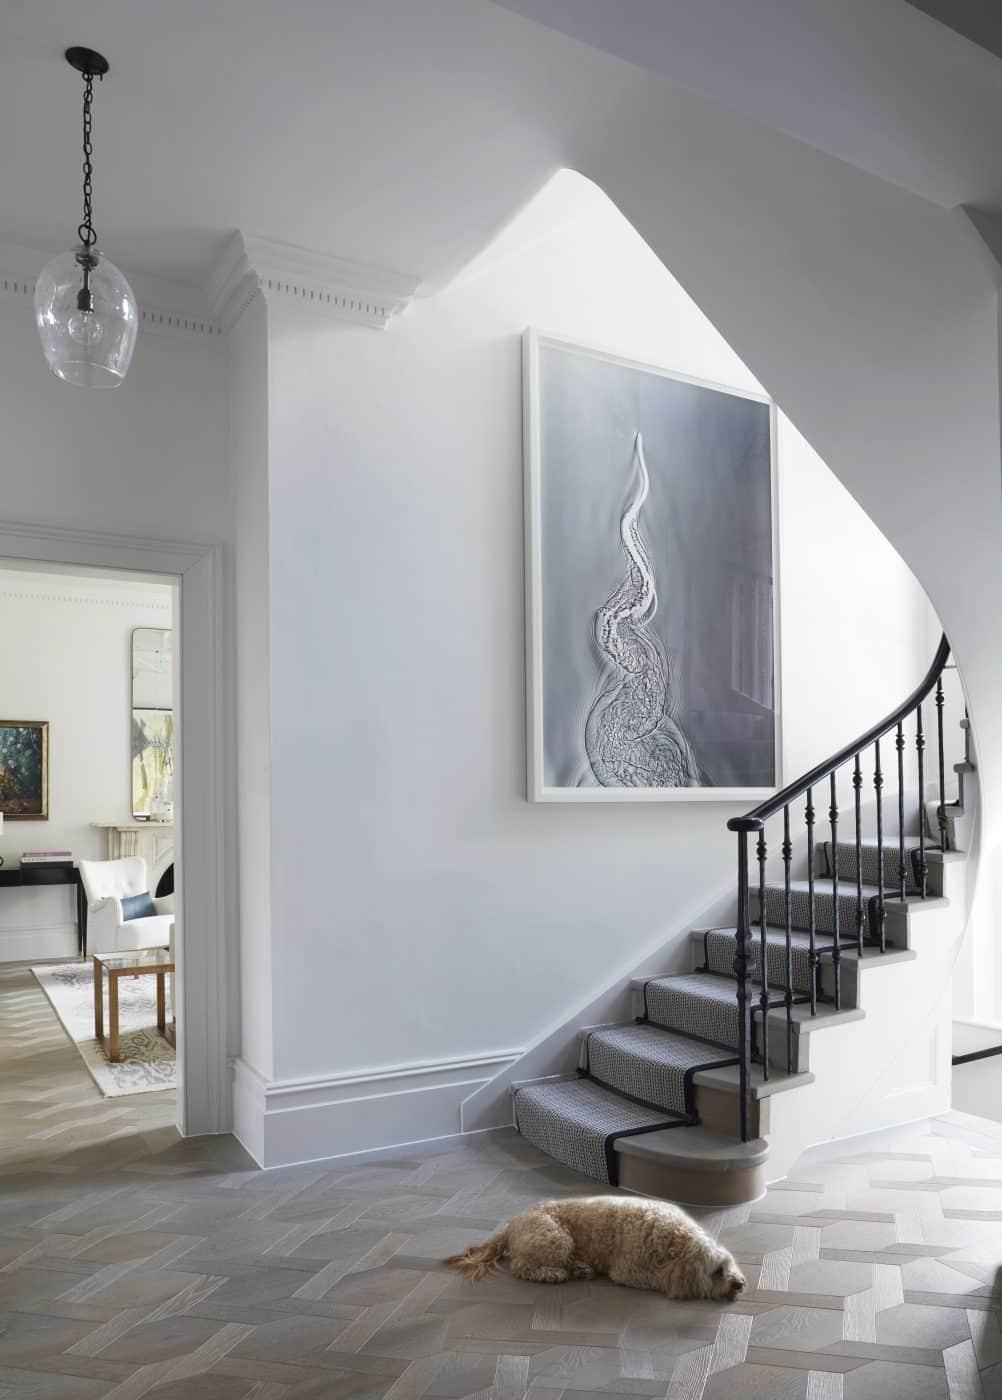 Holland Park stair hall featuring Adam Fuss artwork